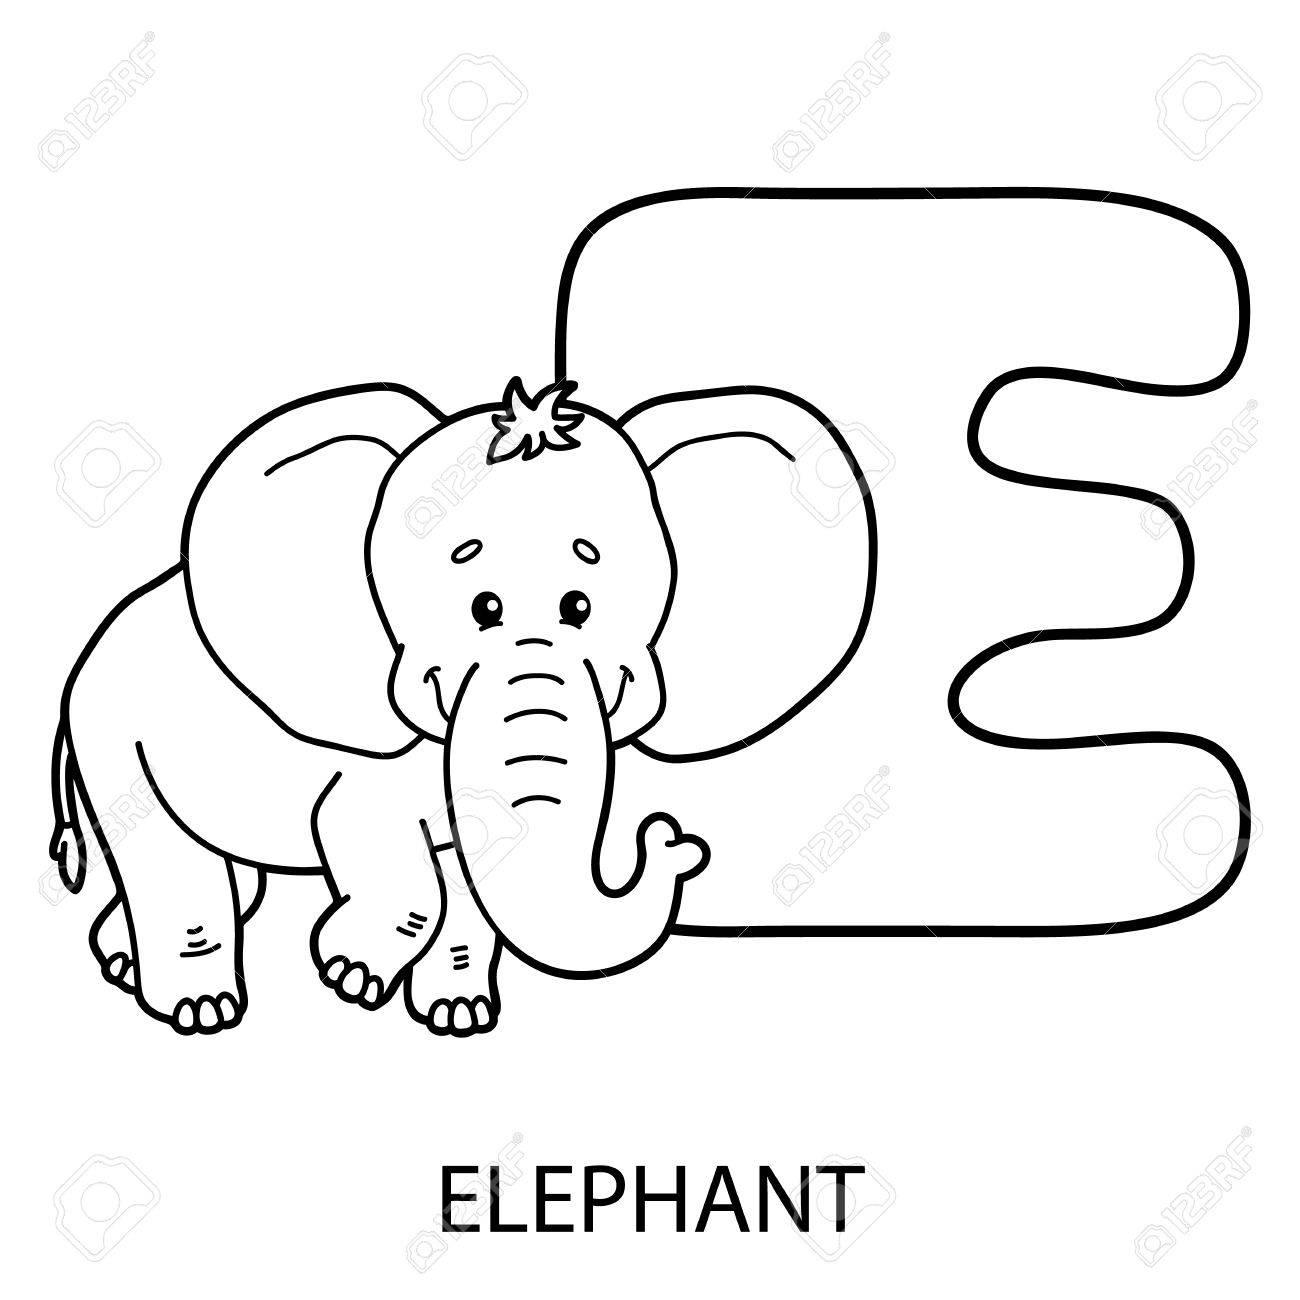 Colorear Alfabeto Animal Vector La Ilustración De La Página Educativa Alfabeto Para Colorear Con Animales De Dibujos Animados Para Los Niños